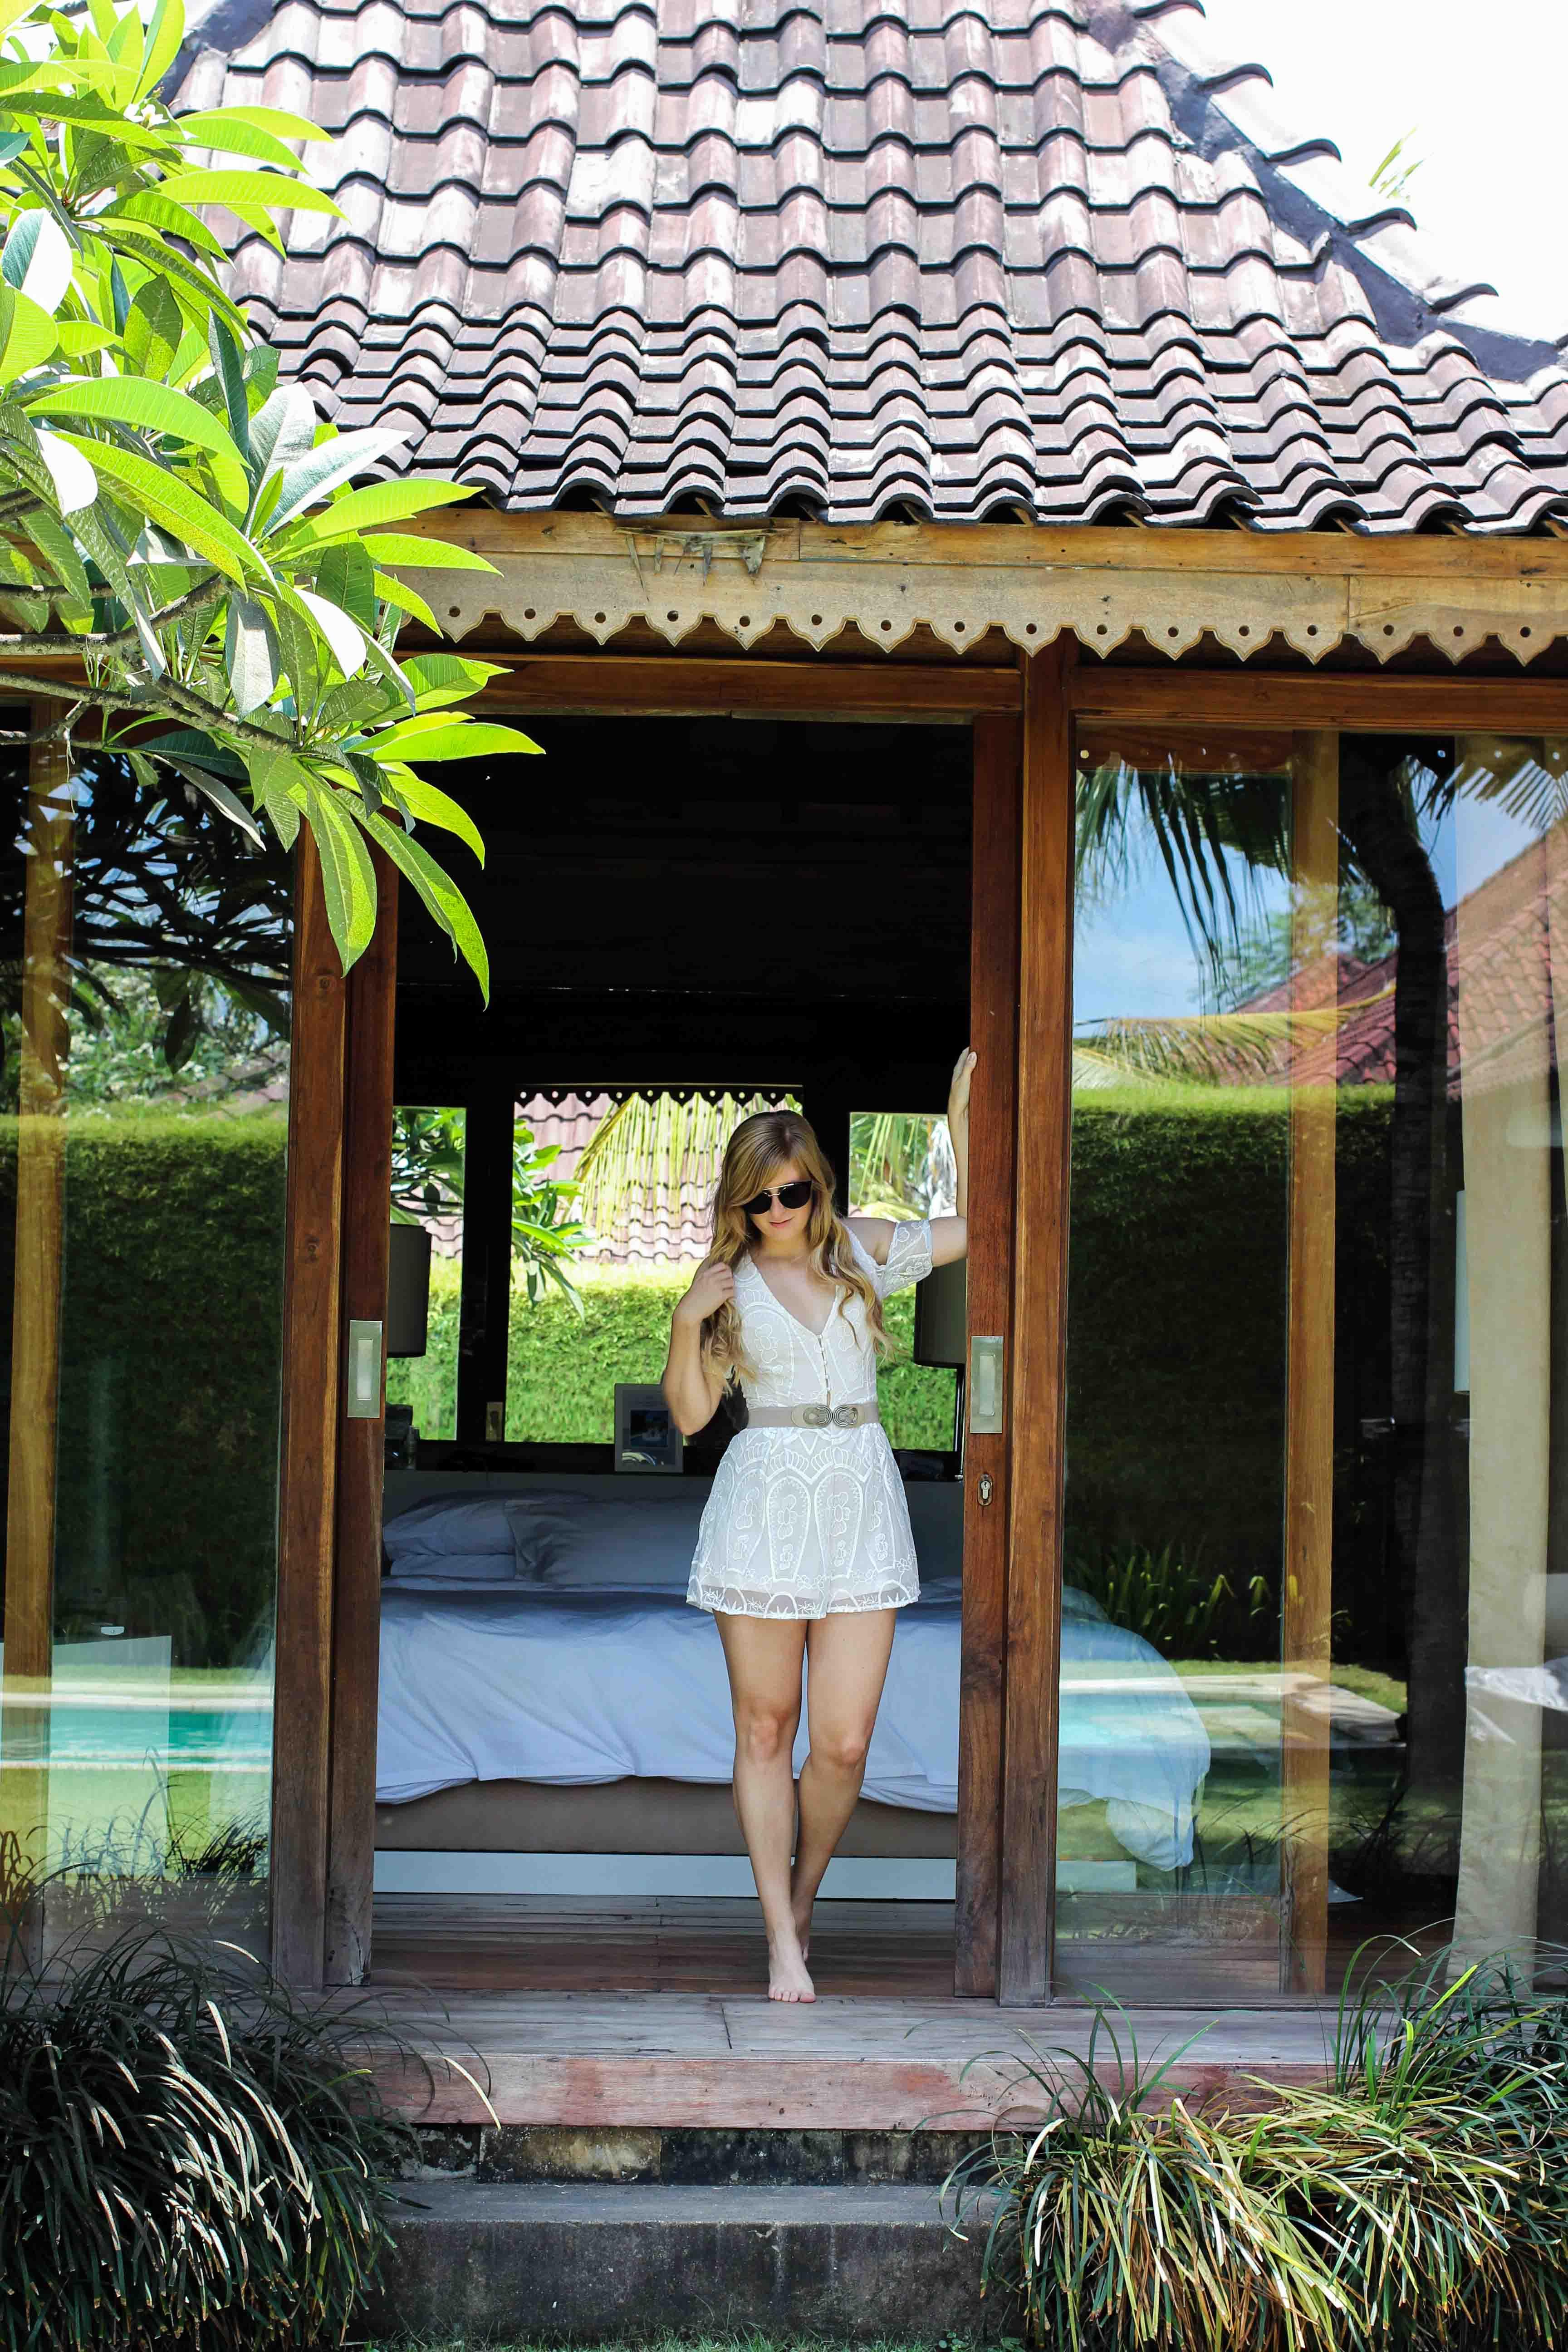 Sahana Villas Seminyak Poolvilla 3 Bedroom Seminyak Bali Luxusvilla mieten privater Pool Reiseblogger Brinisfashionbook